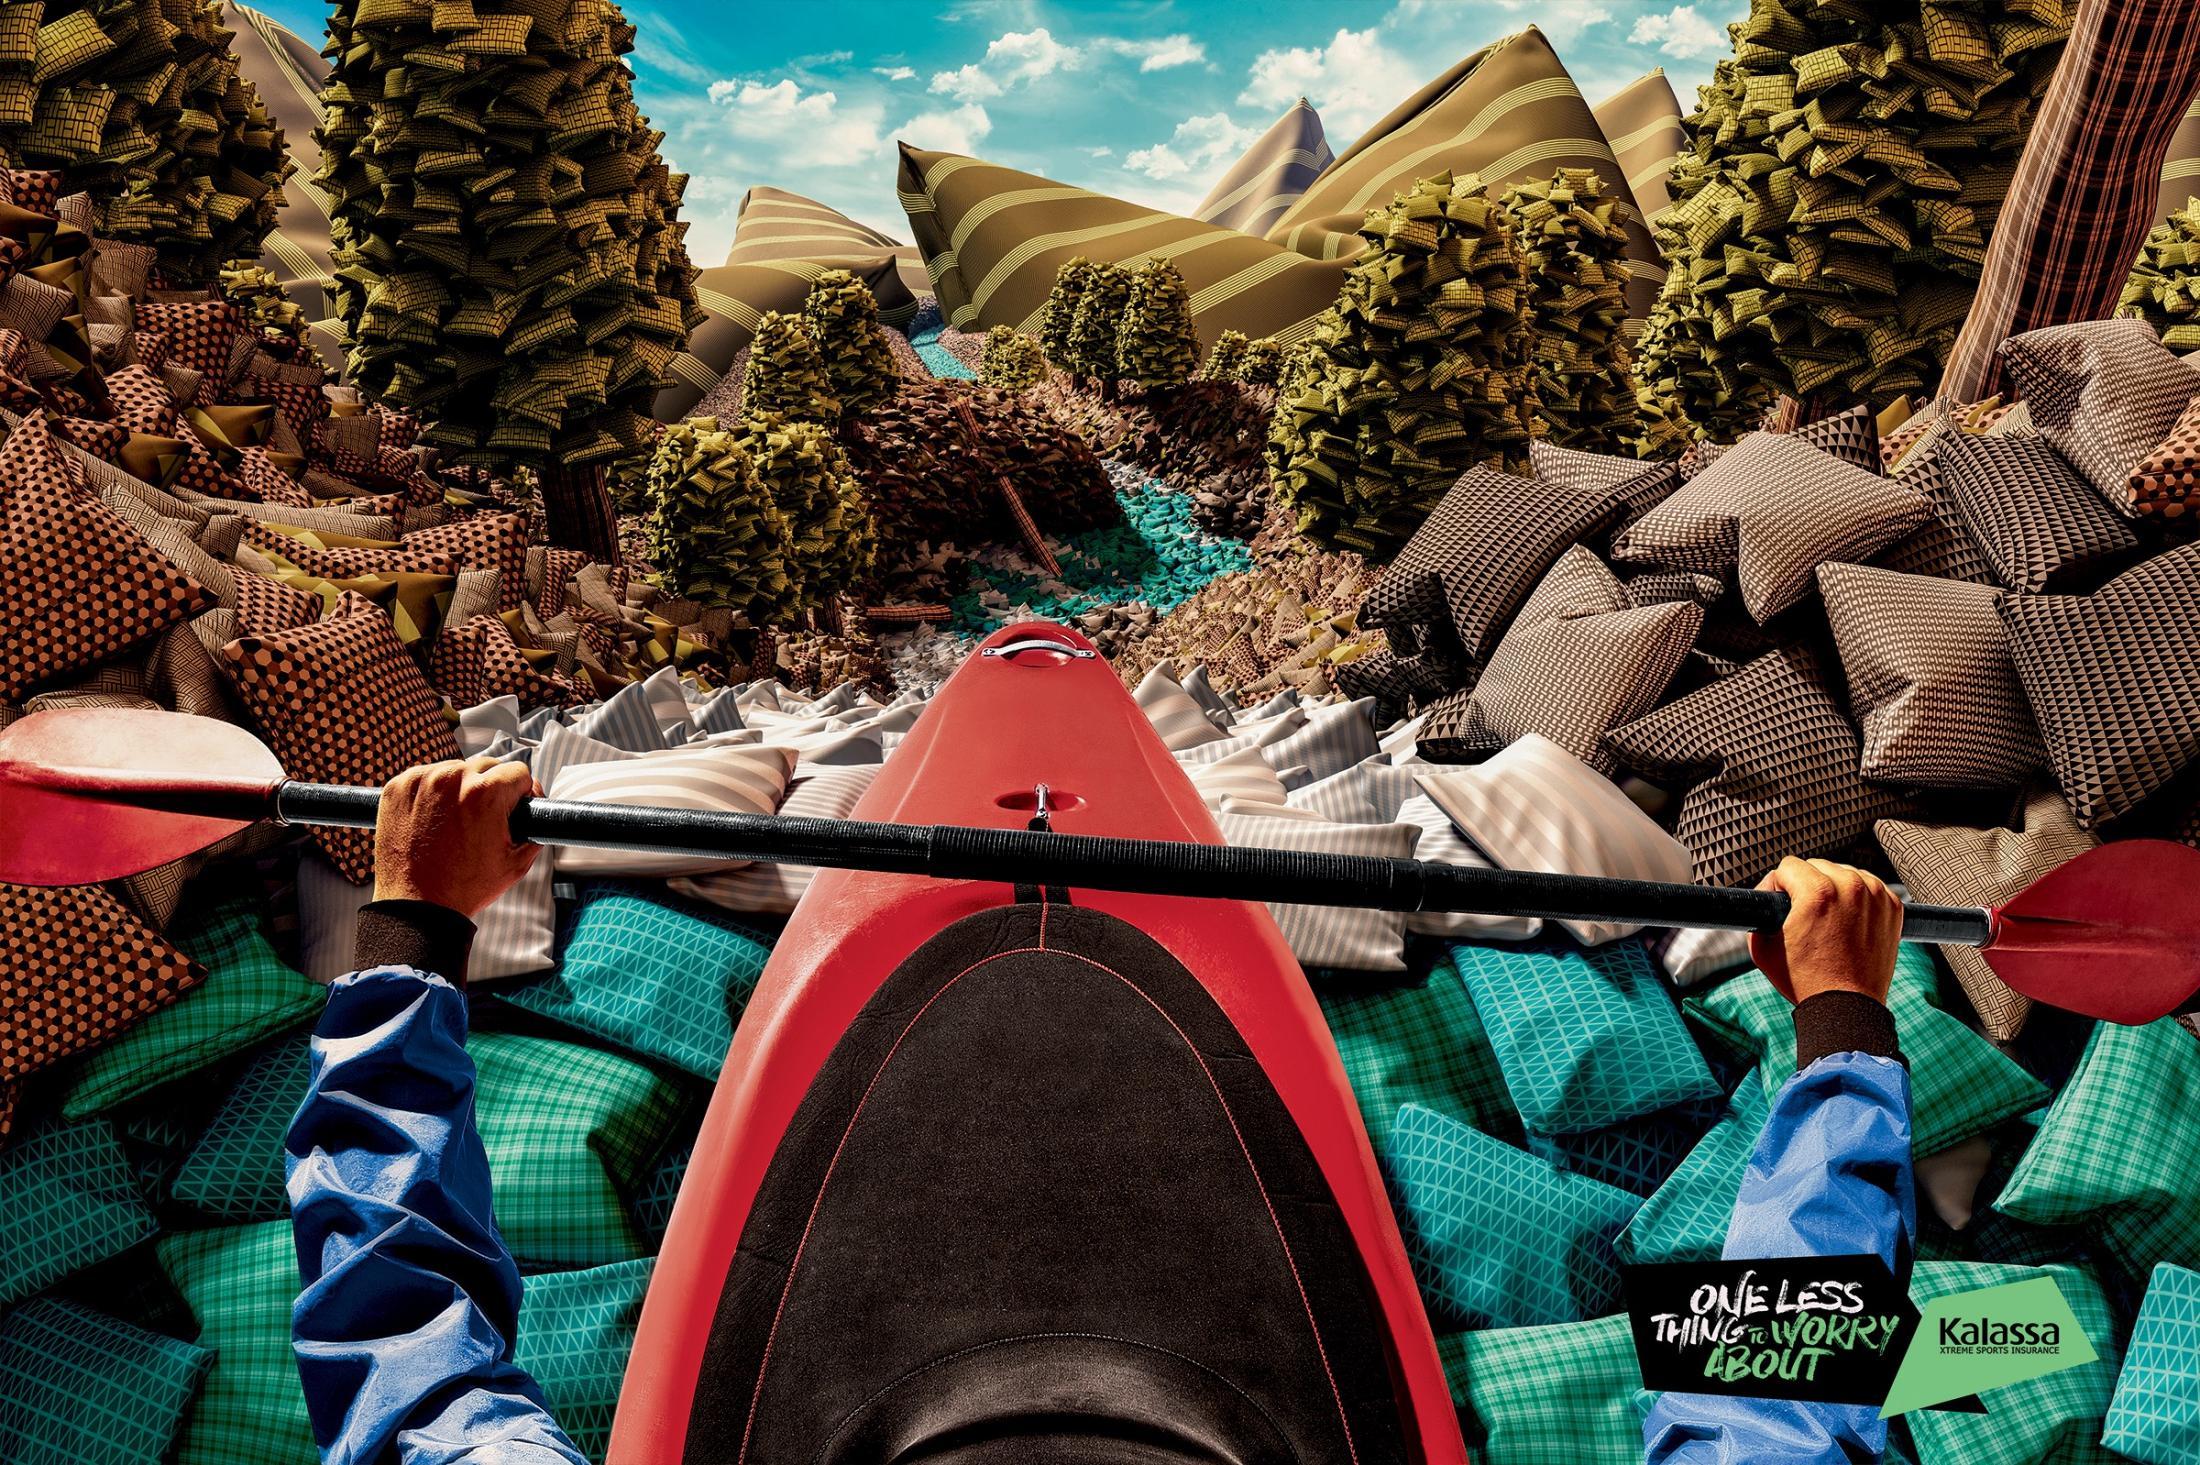 Kalassa Print Ad -  Worry less - Kayaking